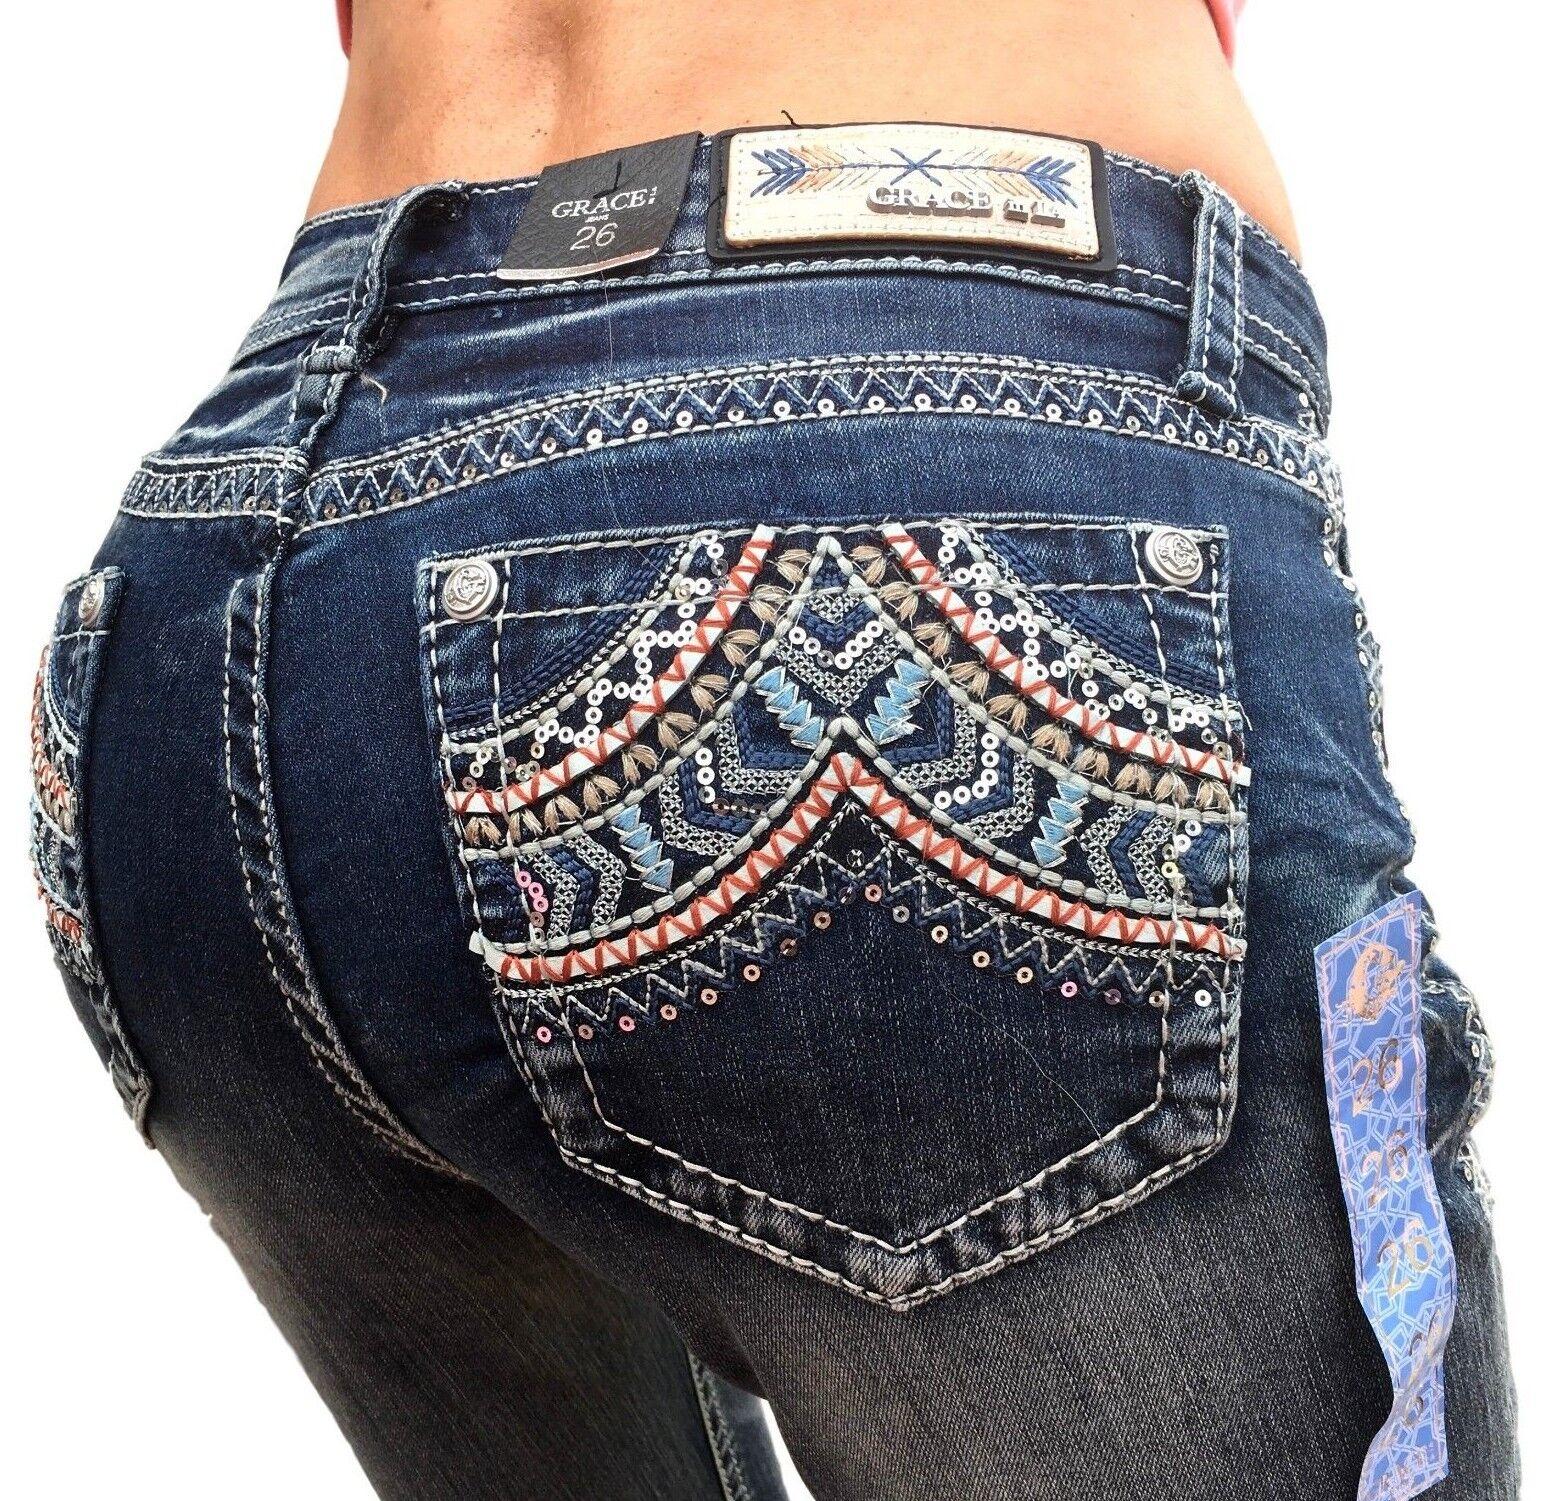 Grace In LA Jeans Mid Rise Southwest Easy Bootcut 26 27 28 29 30 31 32 33 34